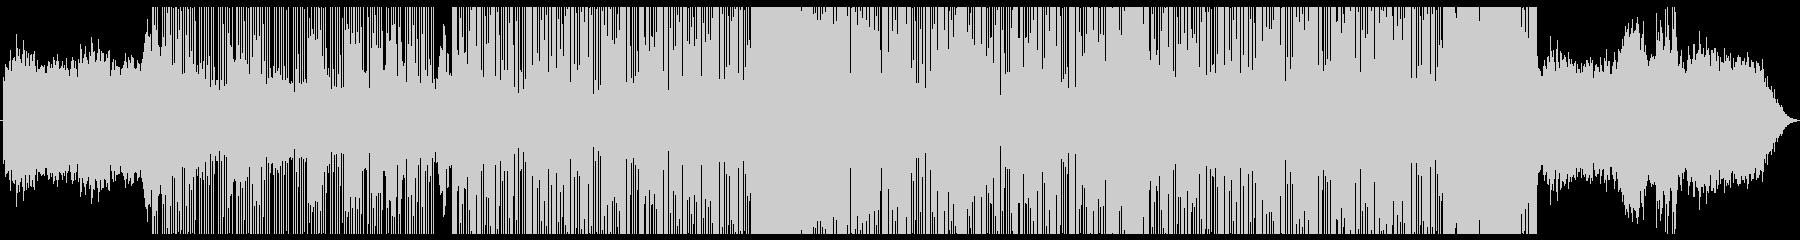 琴を使った幻想的なポップスの未再生の波形